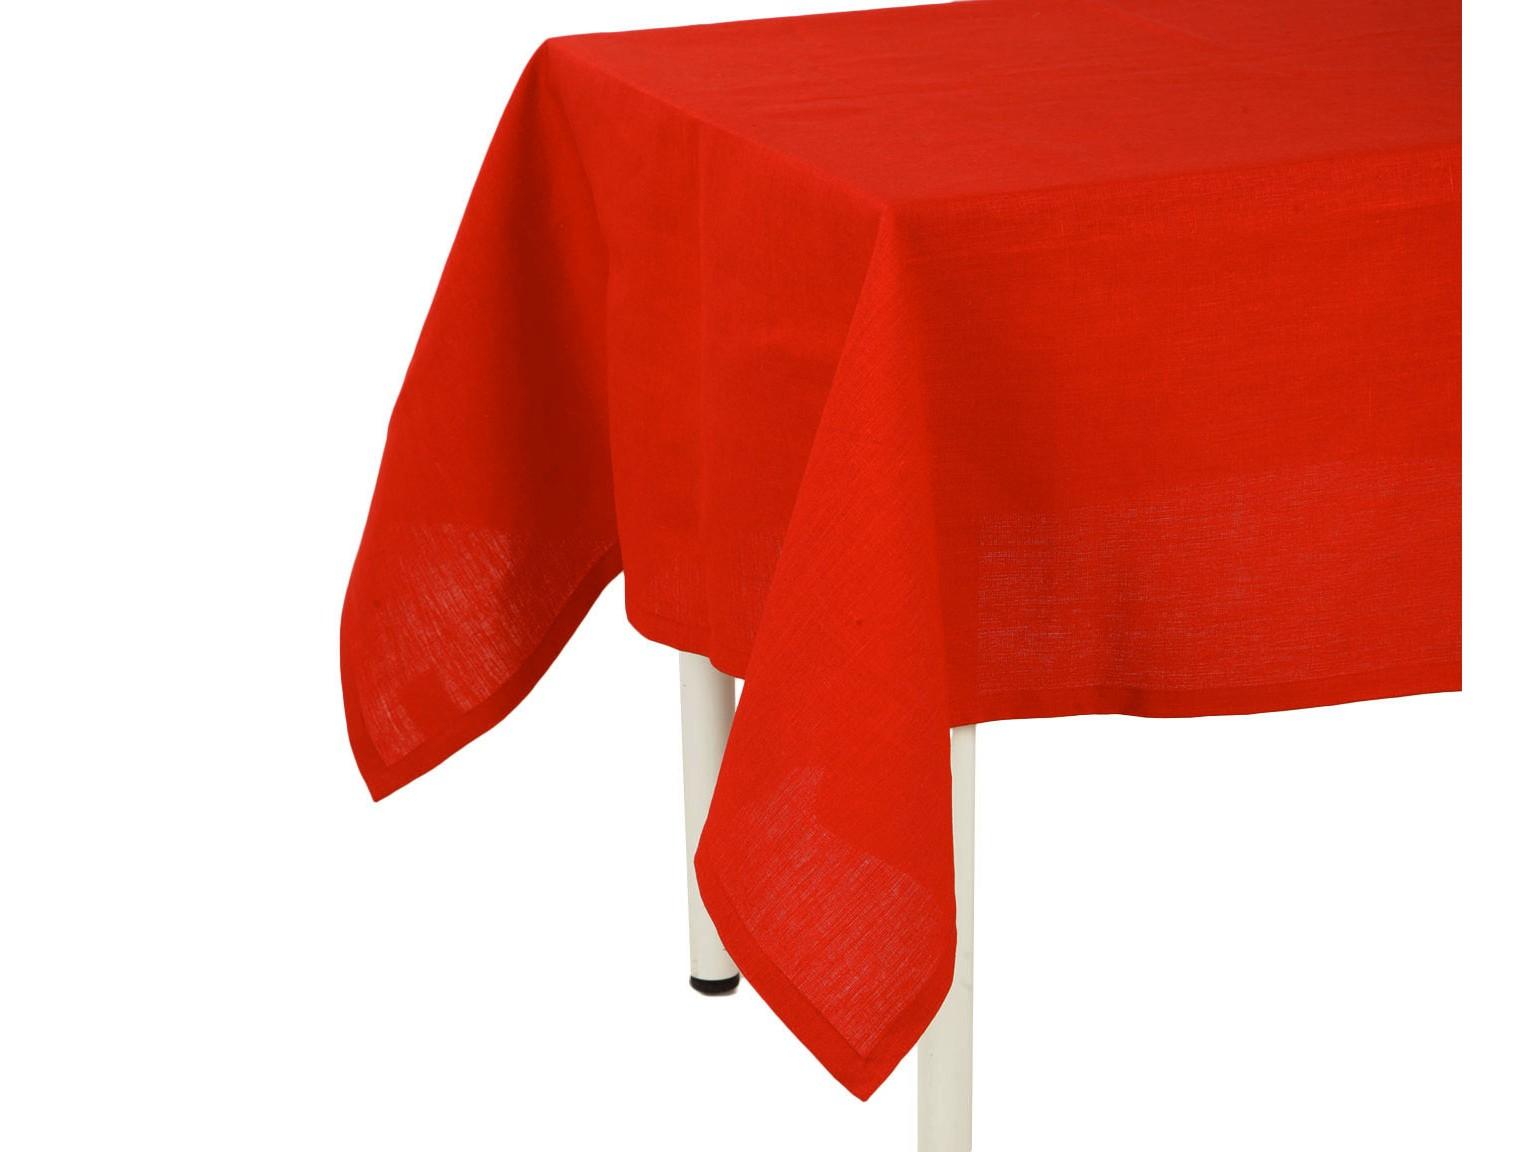 Скатерть Красный ленСкатерти<br>Скатерть на стол стиля кантри. Подойдет для романтического стиля и настроения. Ткань прочная лен , износоустойчивая.<br><br>Material: Лен<br>Length см: 220<br>Width см: 140